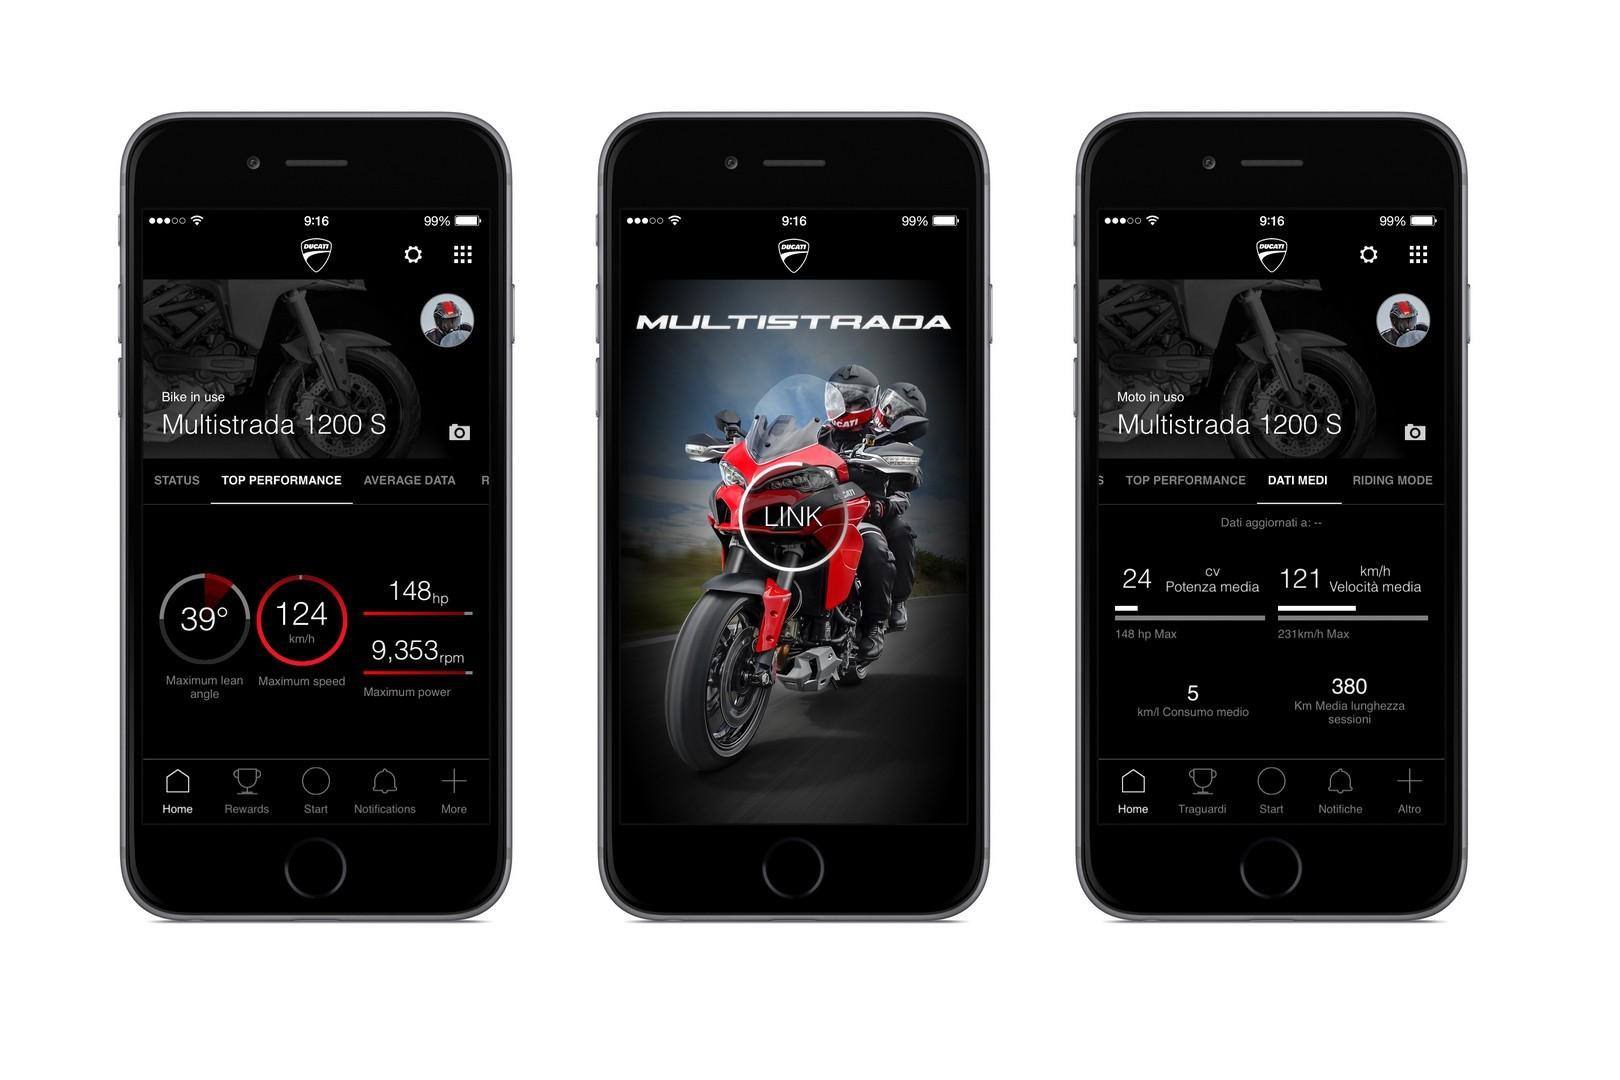 Xe Ducati có ứng dụng kết nối smartphone - ảnh2